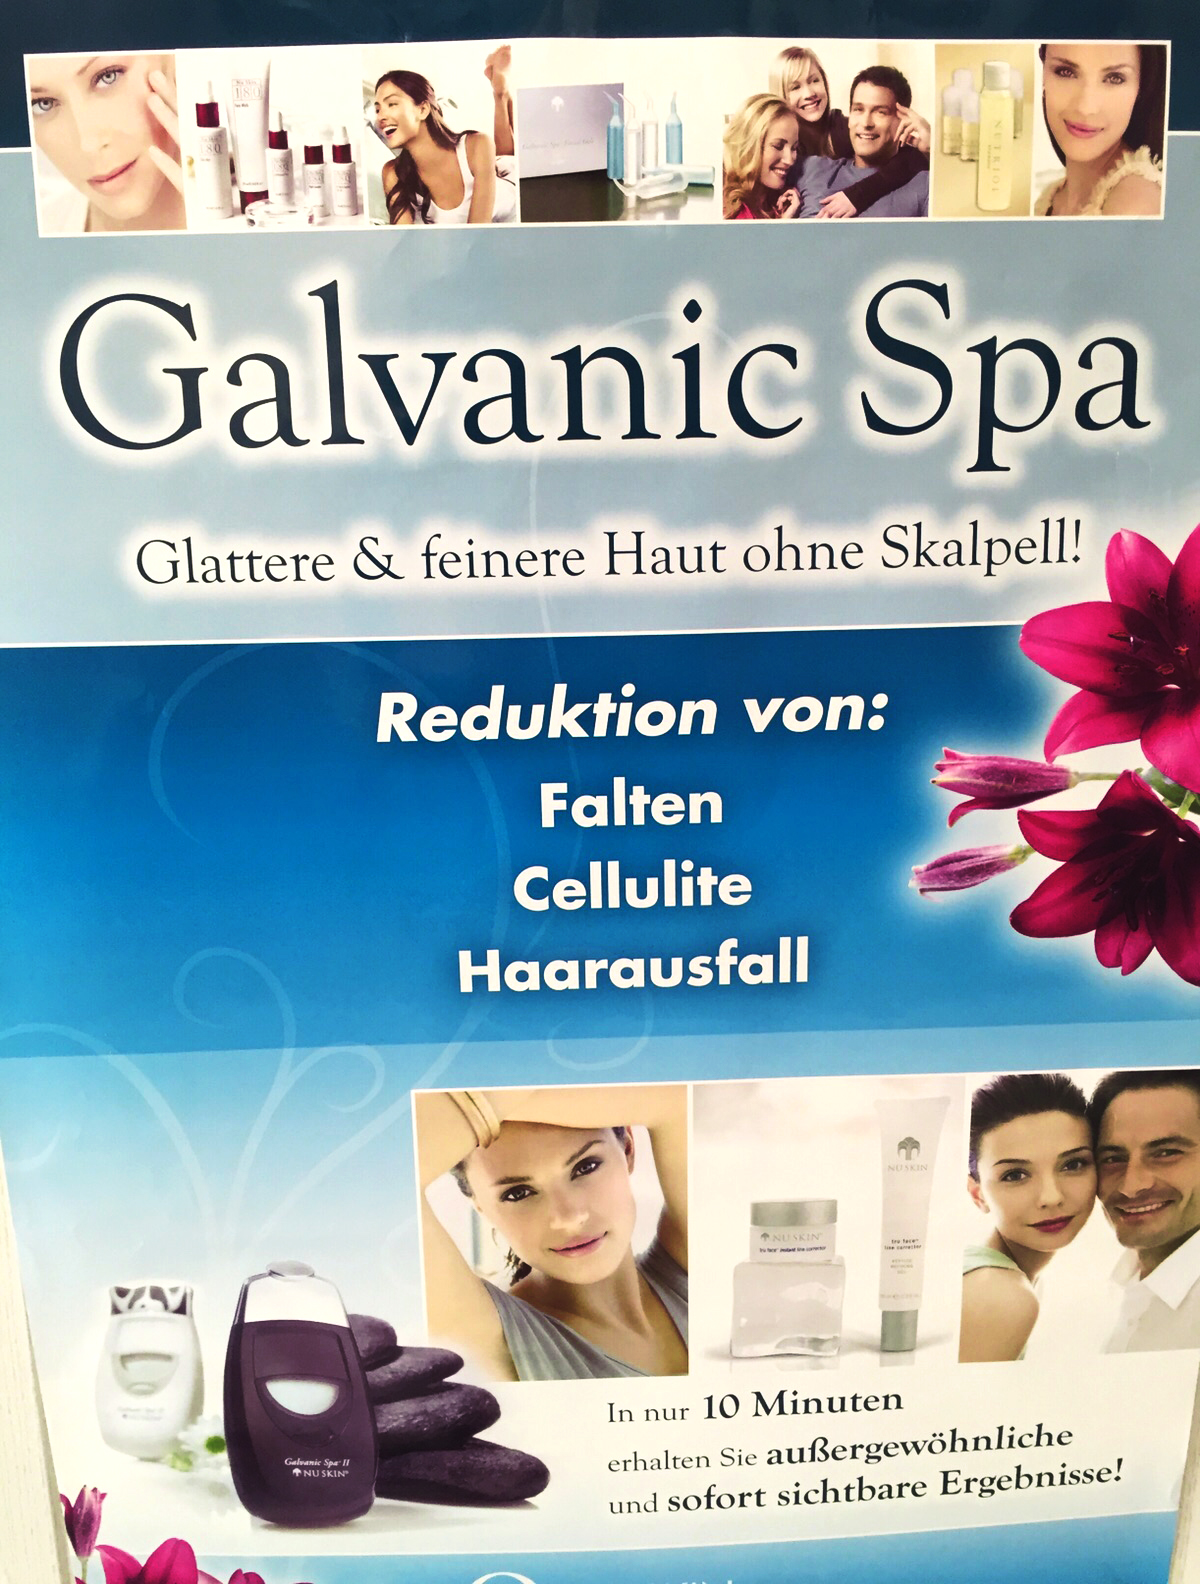 Galvanic Spa